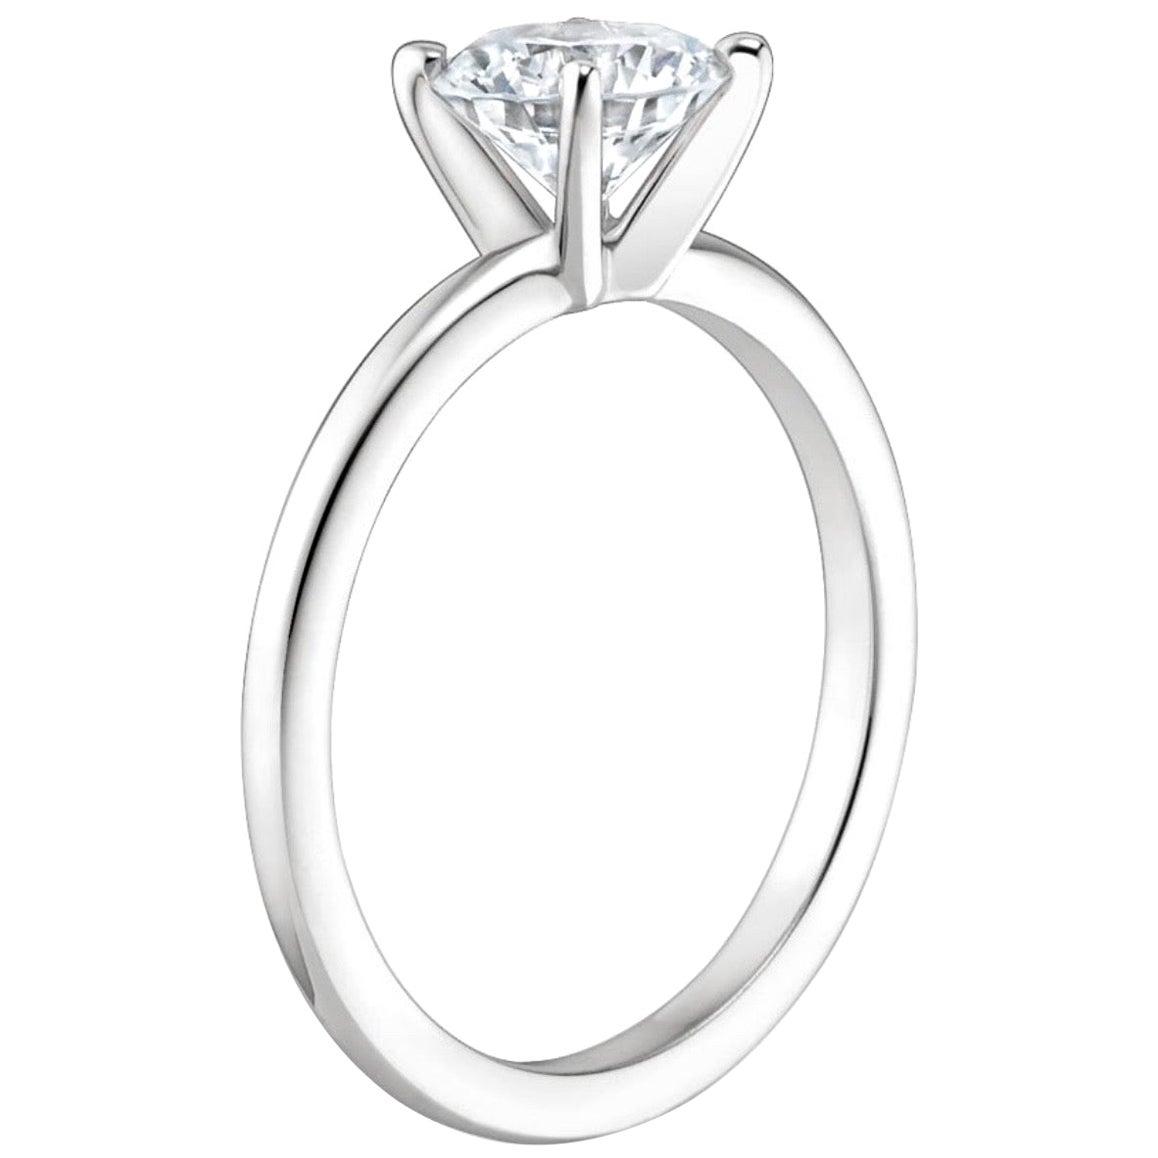 1 Carat Diamond Traditional Engagement Ring 14 Karat White Gold